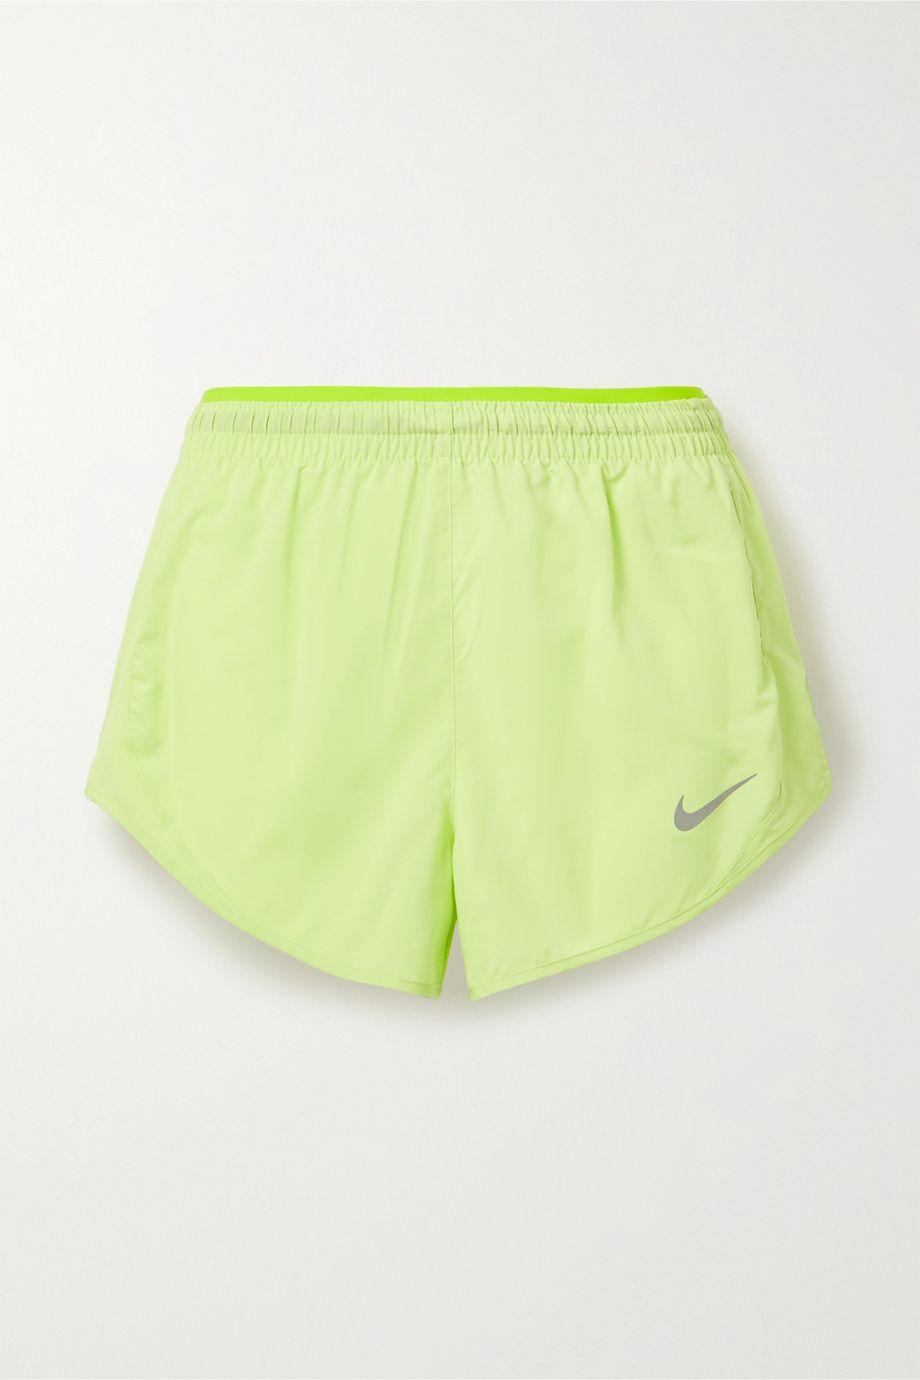 Nike Tempo Lux Dri-FIT shorts